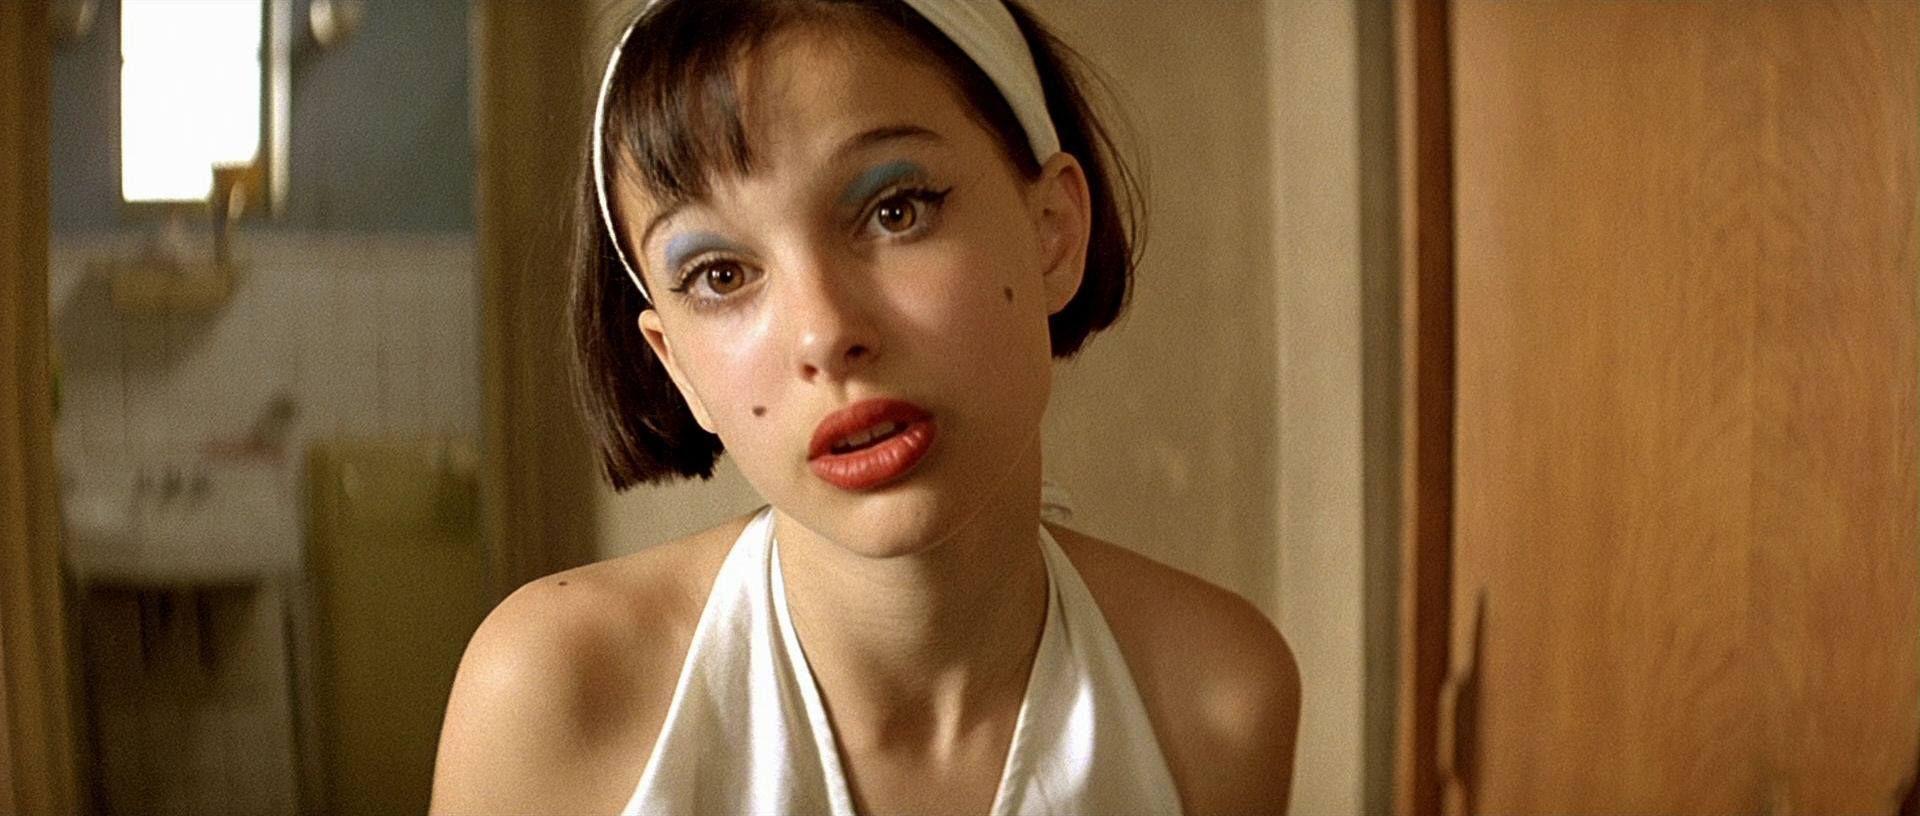 Mathilda dressed as Marilyn Monroe in Leon